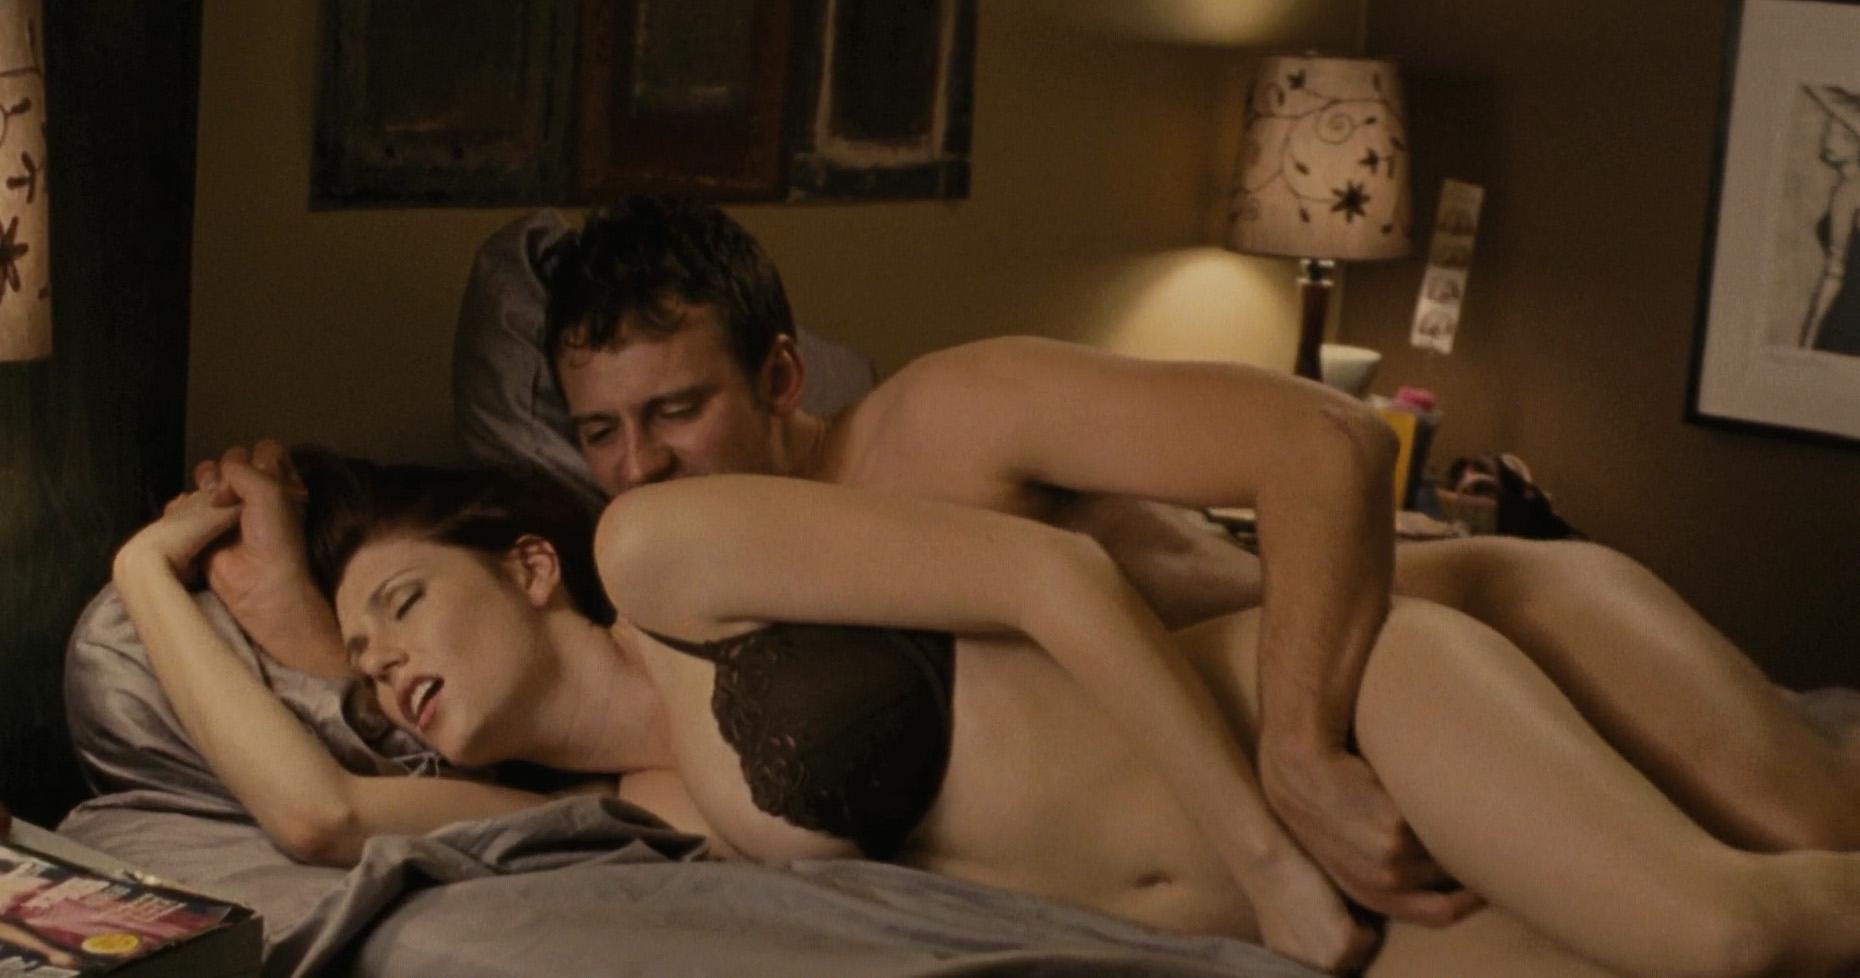 Какой порно фильм можно посмотреть с мужем